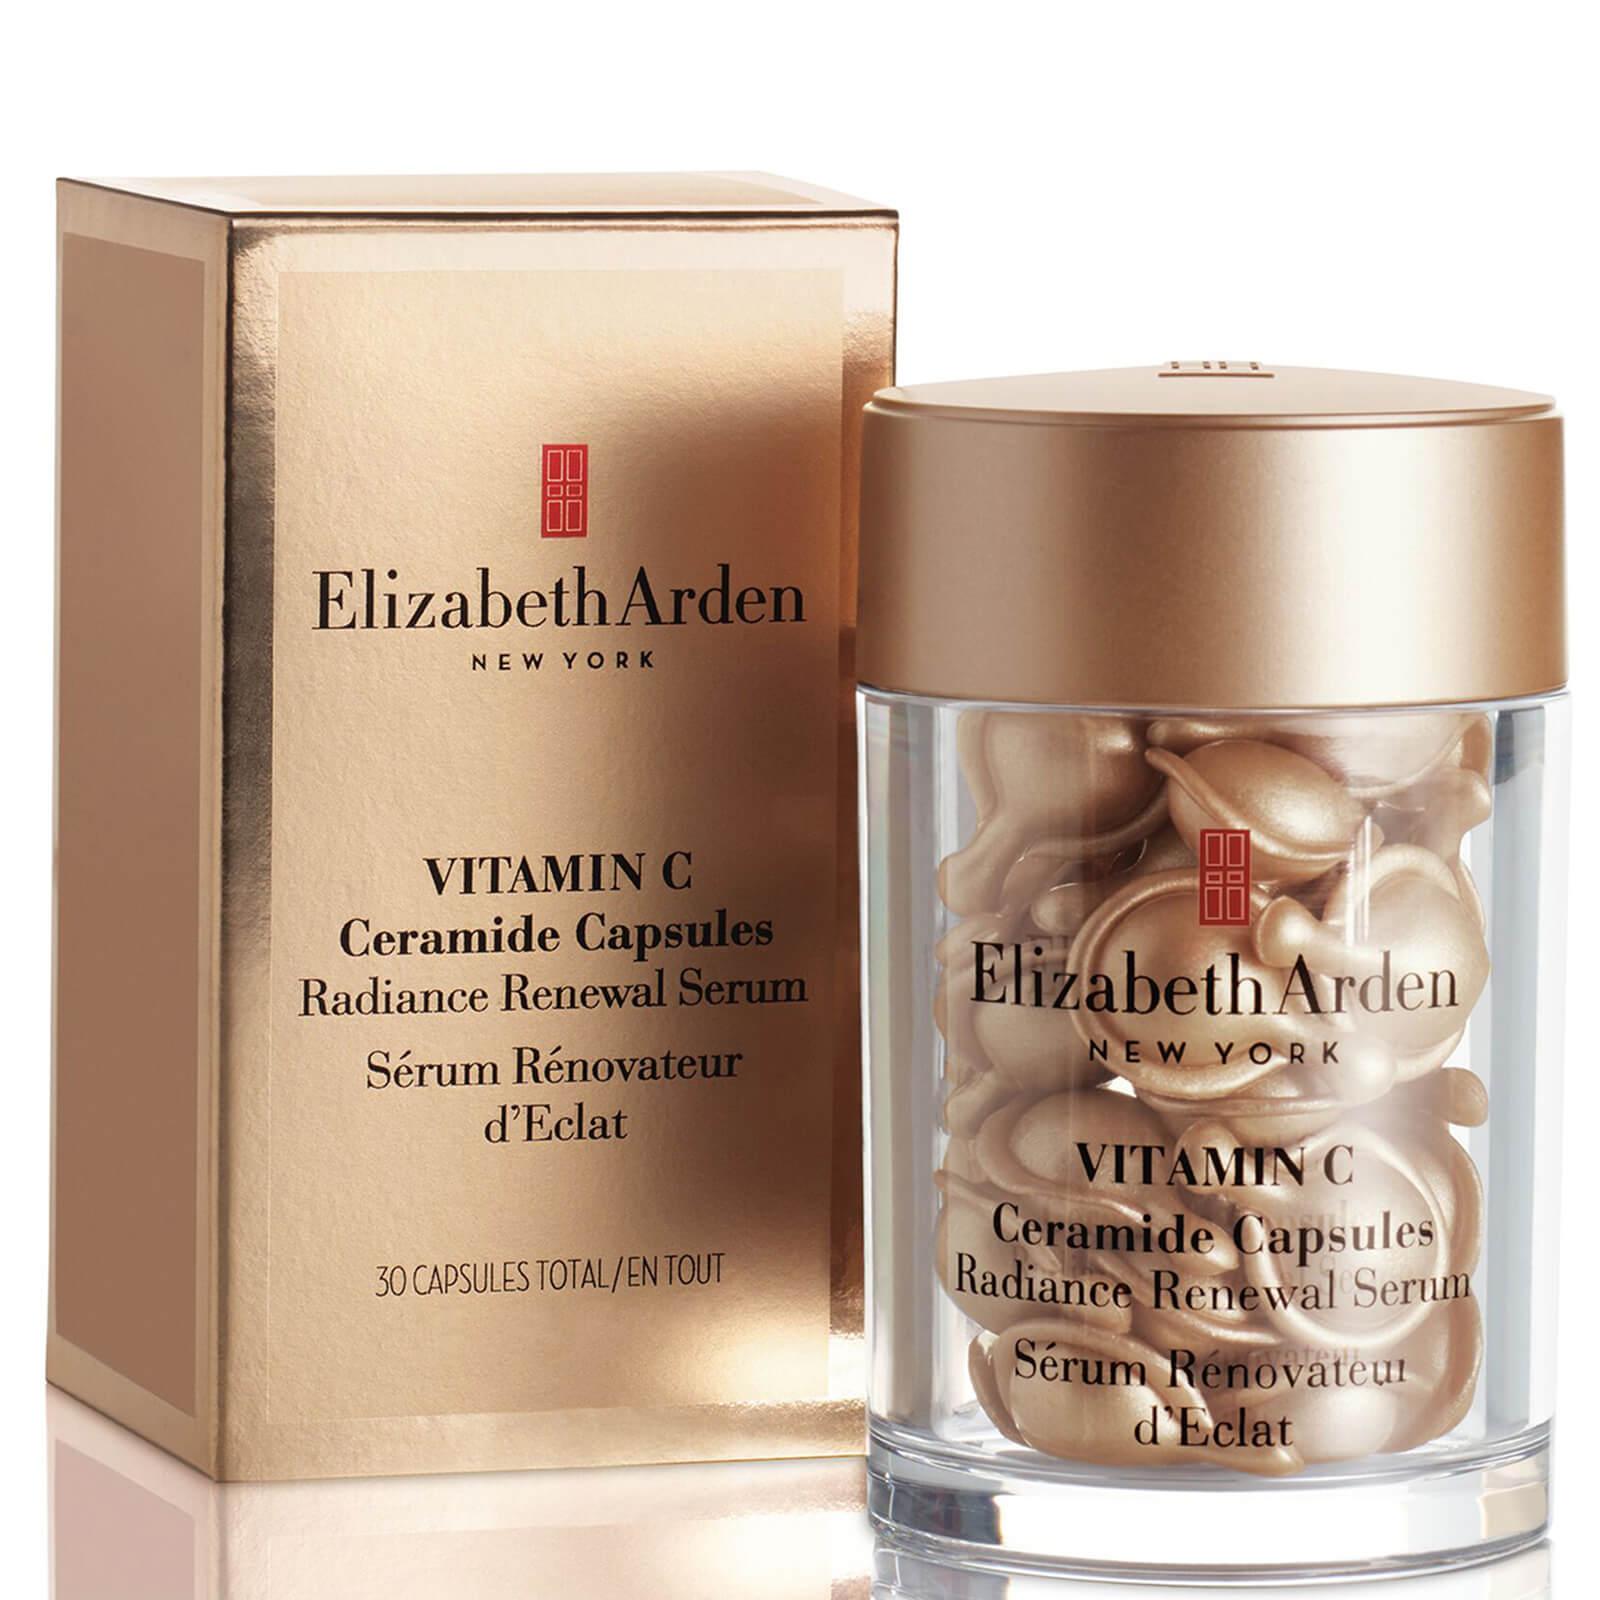 Elisabeth Arden Vitamin C Ceramide Capsules Radiance Renewal Serum 30pc